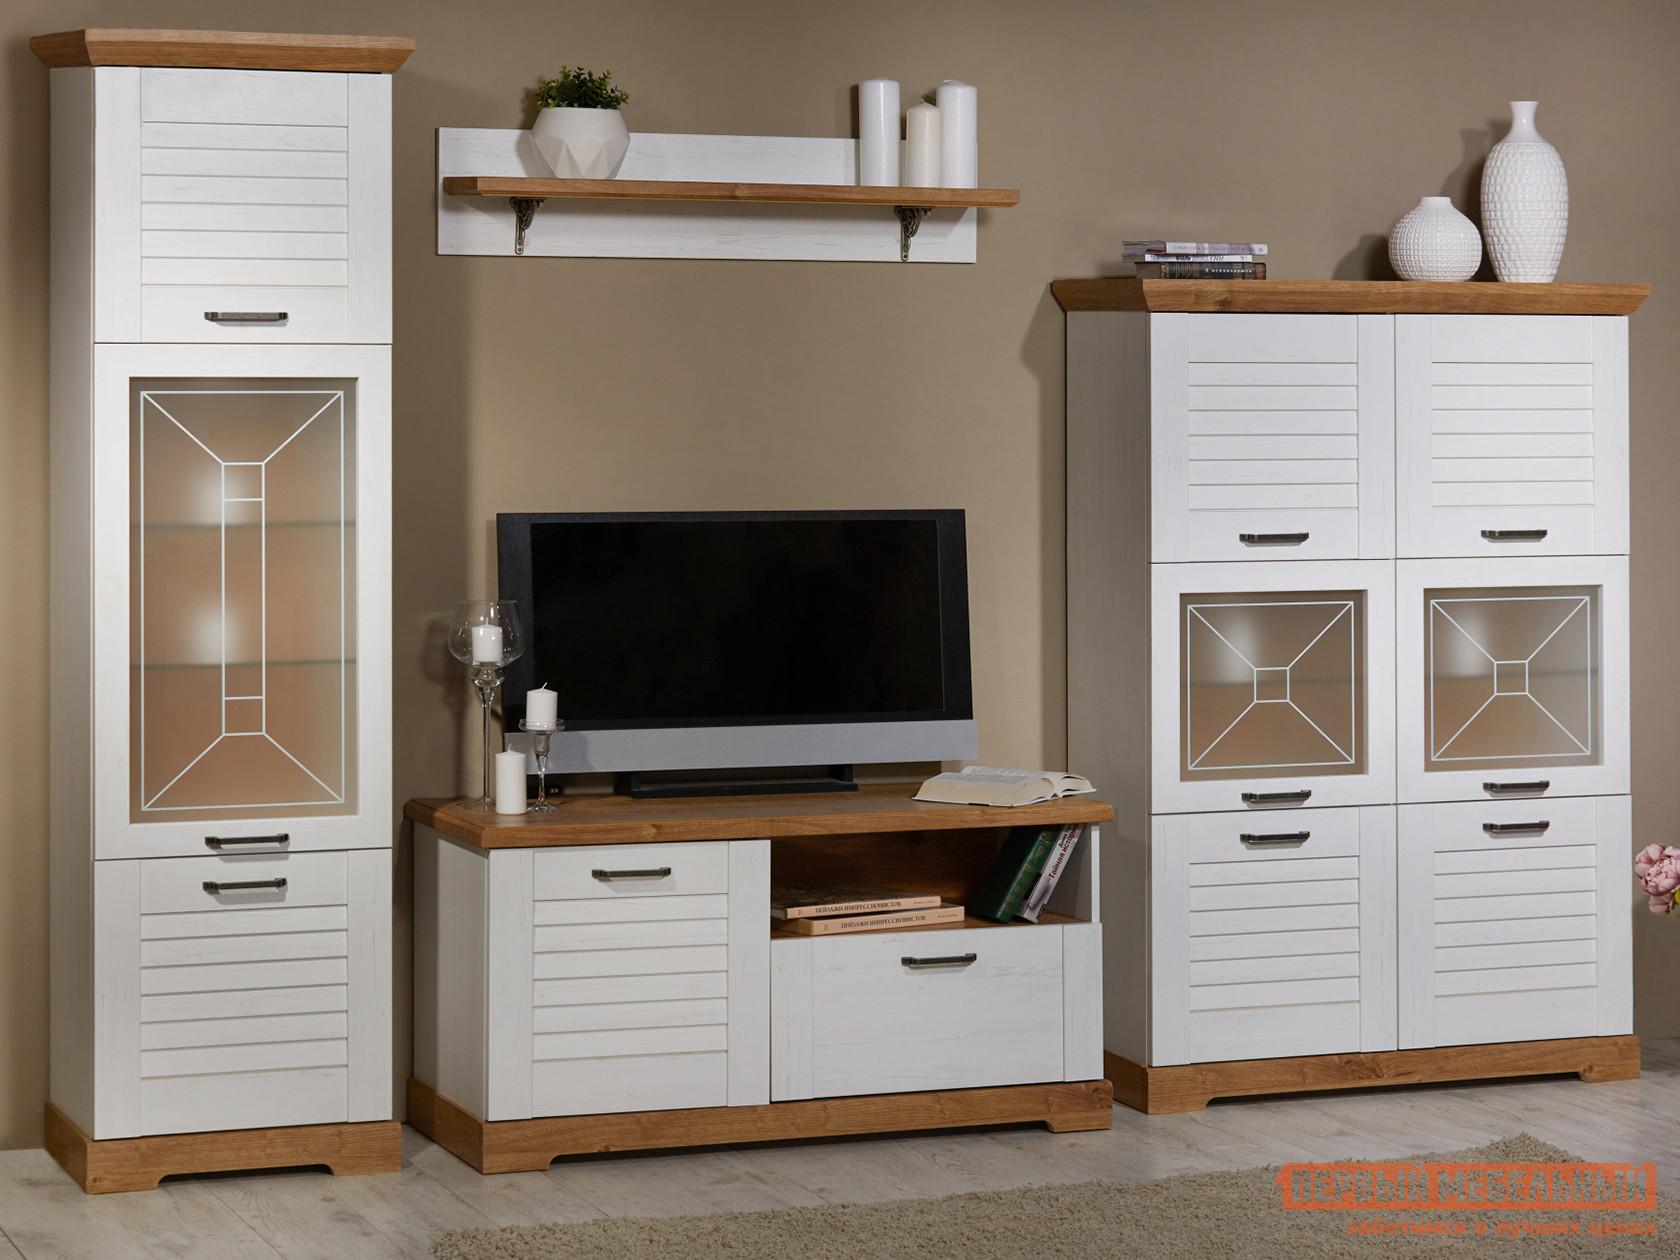 Гостиная Первый Мебельный Кантри К2 40110 cd40110be dip 16